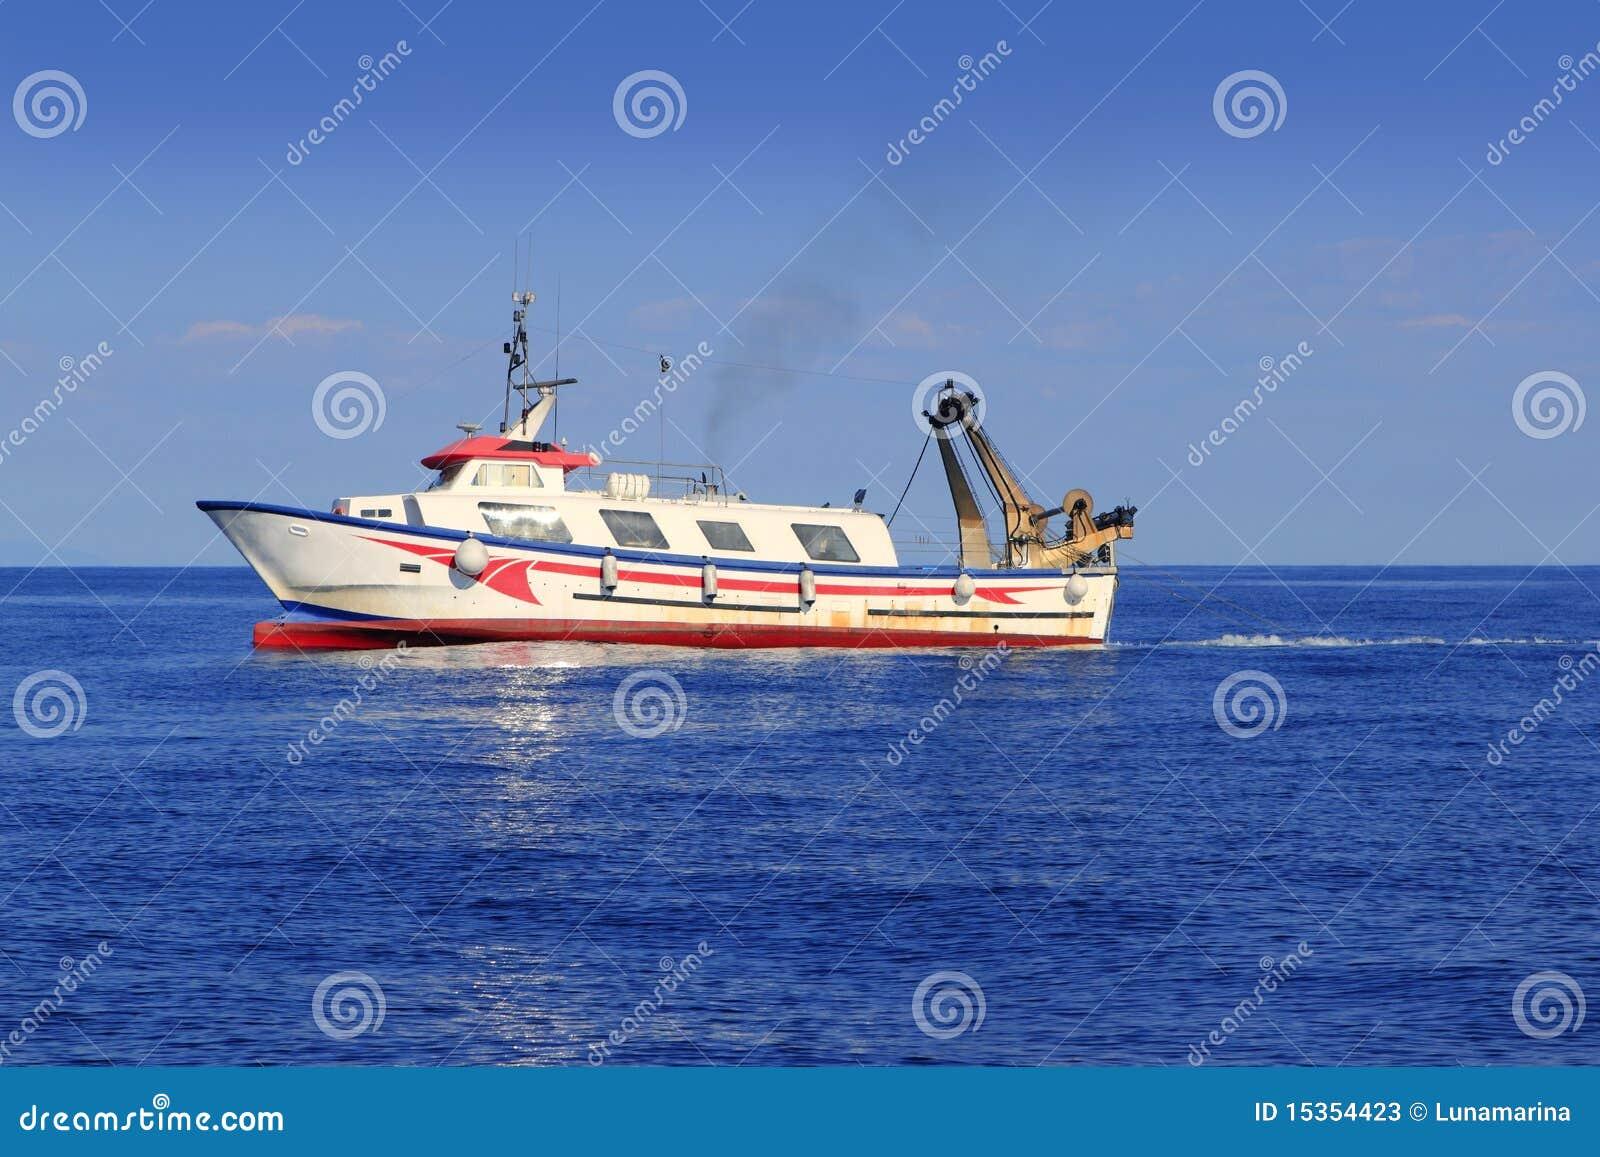 近海渔船图片_小船地中海近海拖网渔船工作